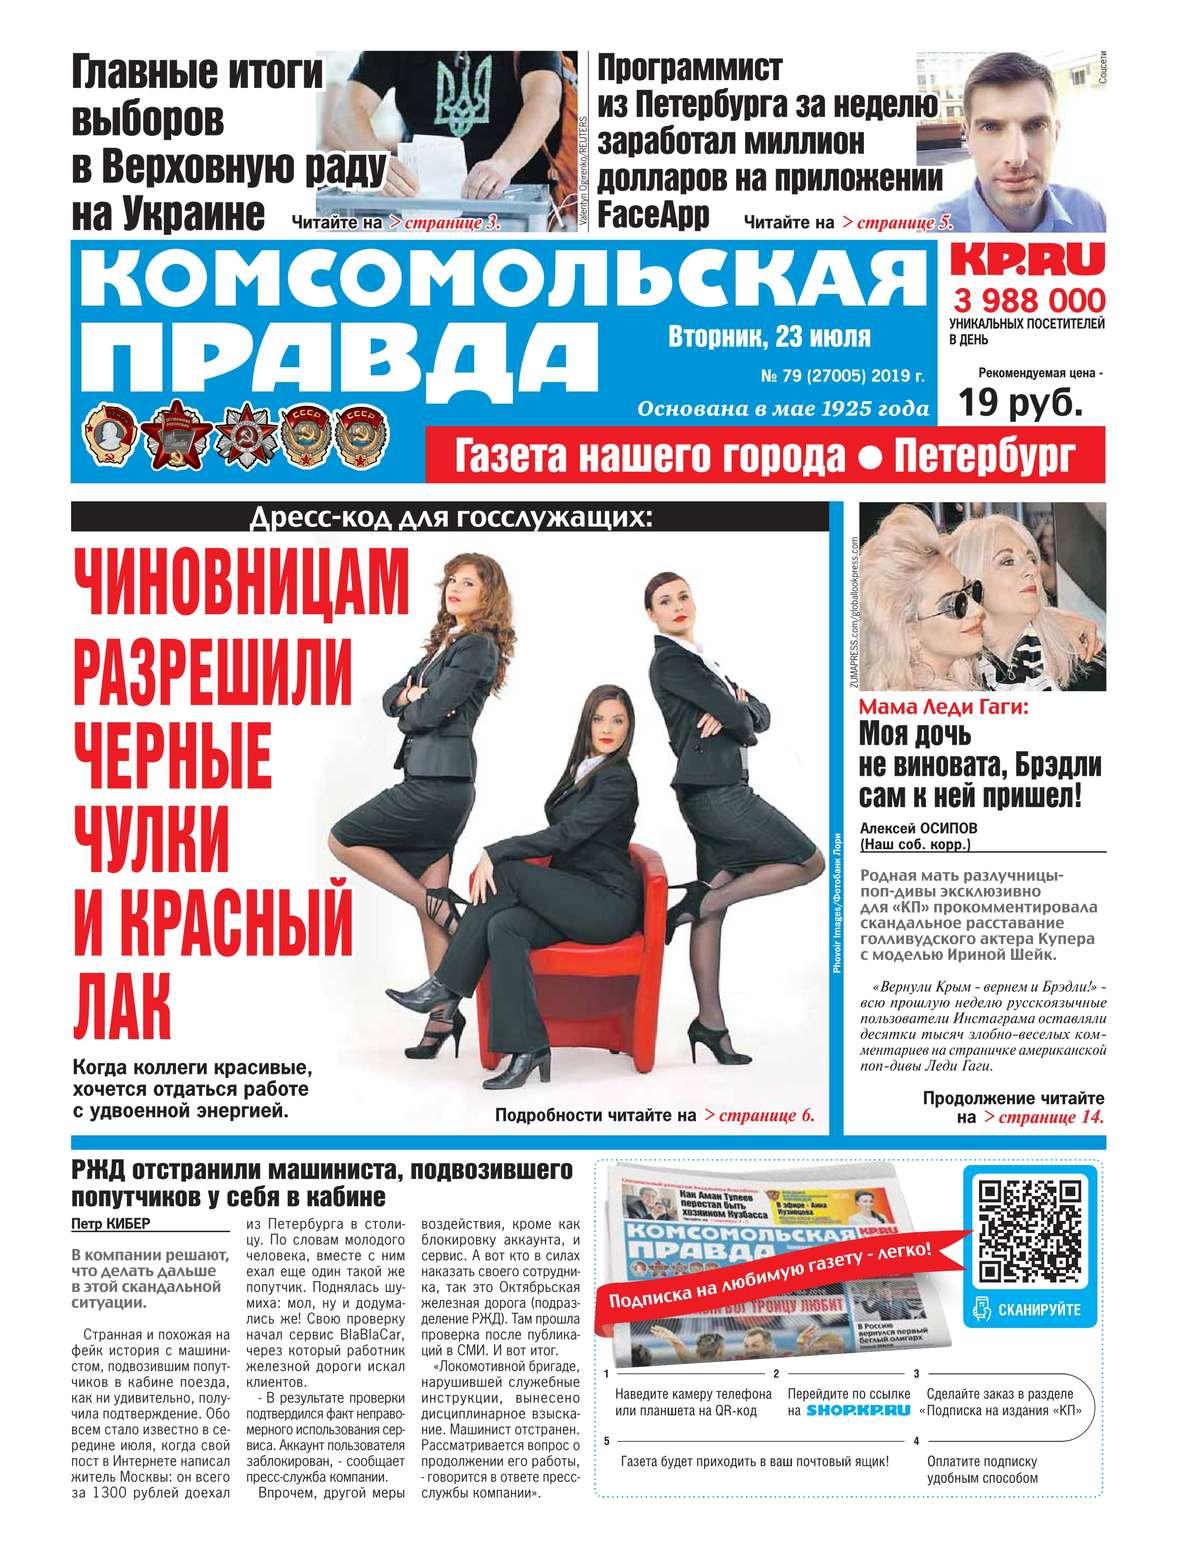 Редакция газеты Комсомольская Правда. Санкт-Петербург 79-2019